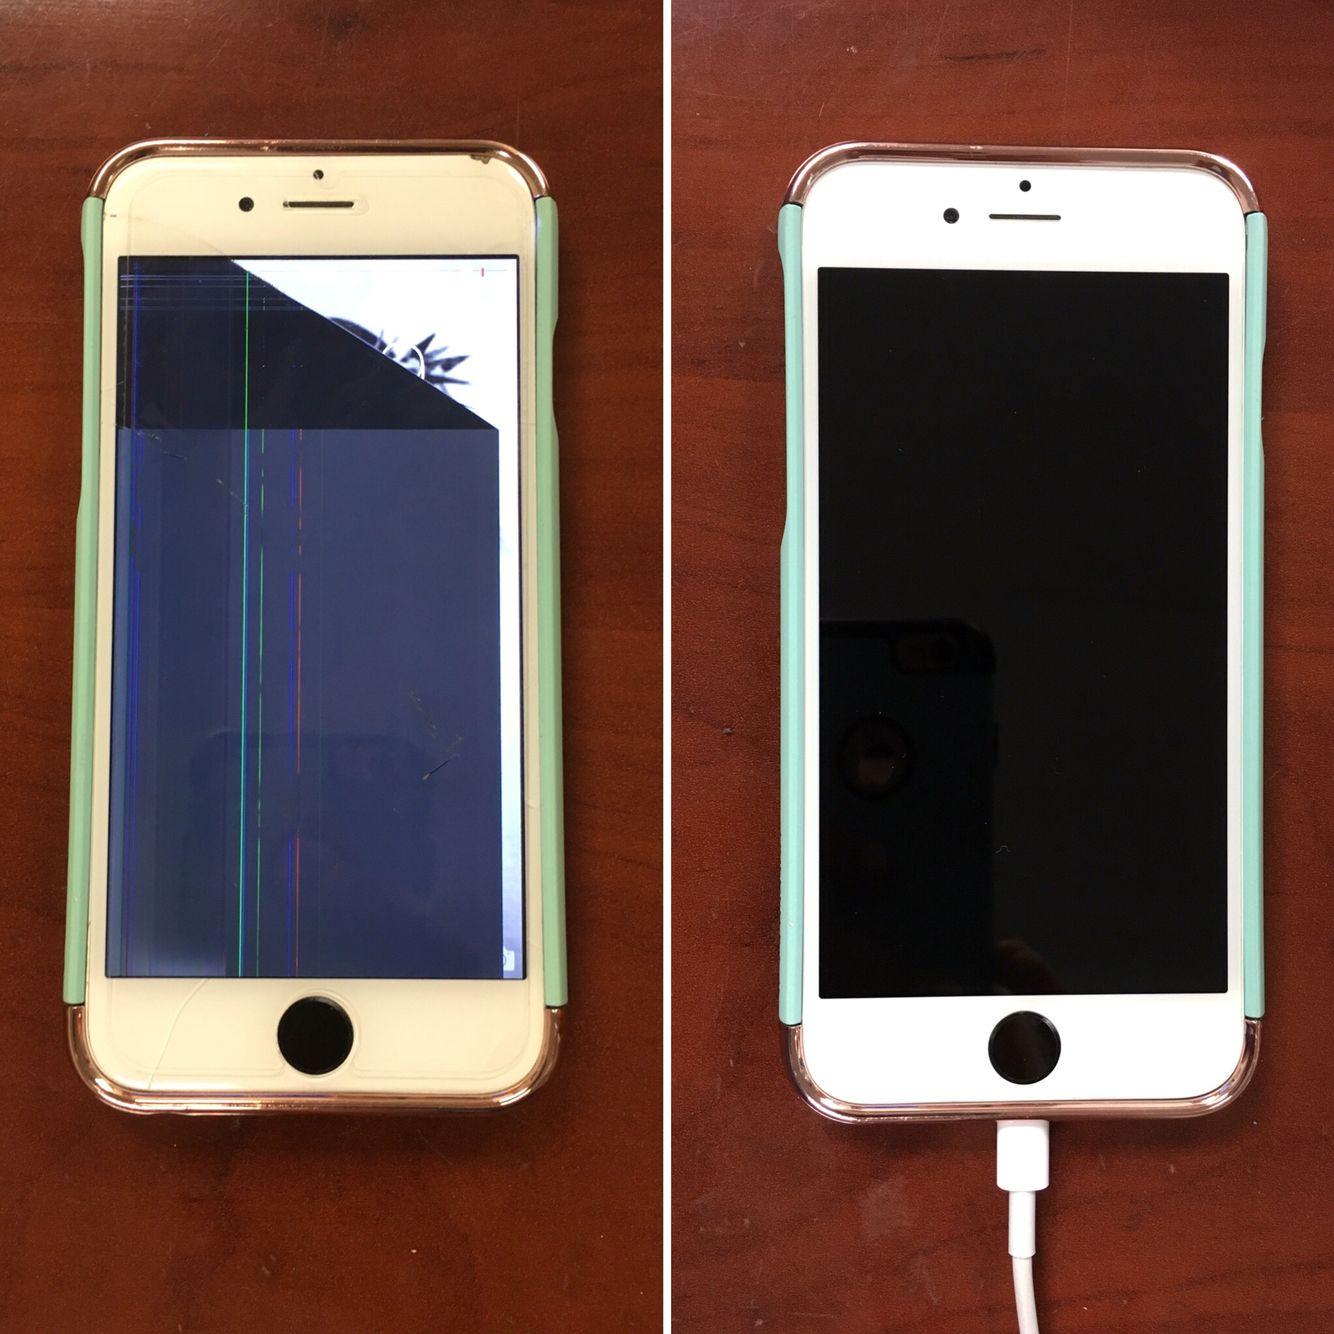 iPhone 6 CrackedScreenRepair & More. New Customers Get